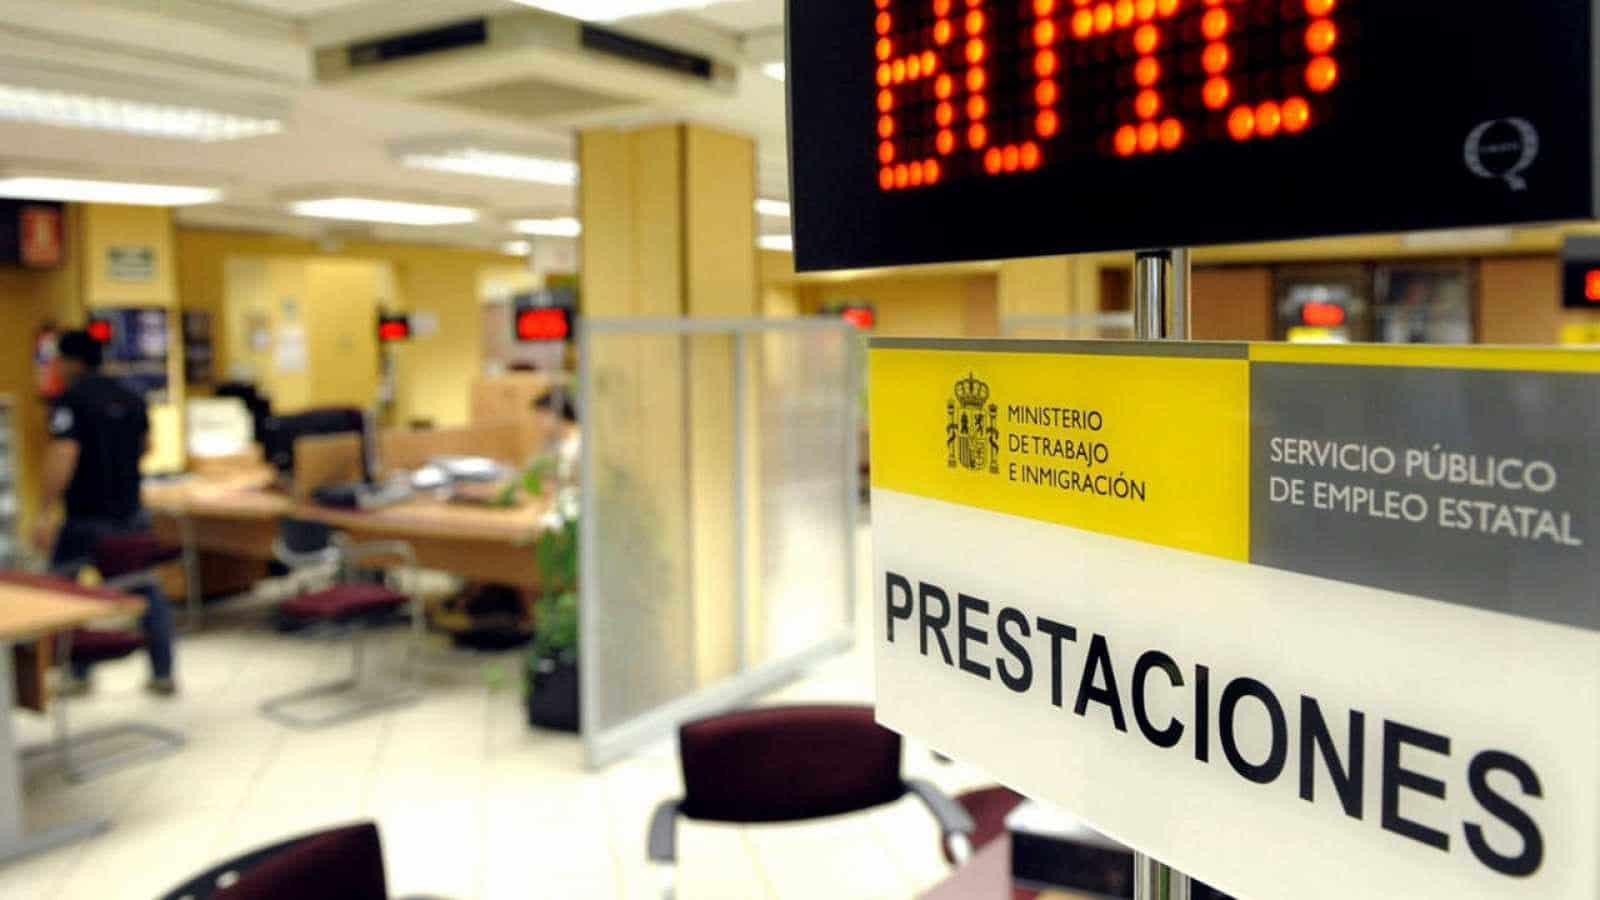 Aproximativ 100 000 de români depind de ajutorul de la stat în Spania